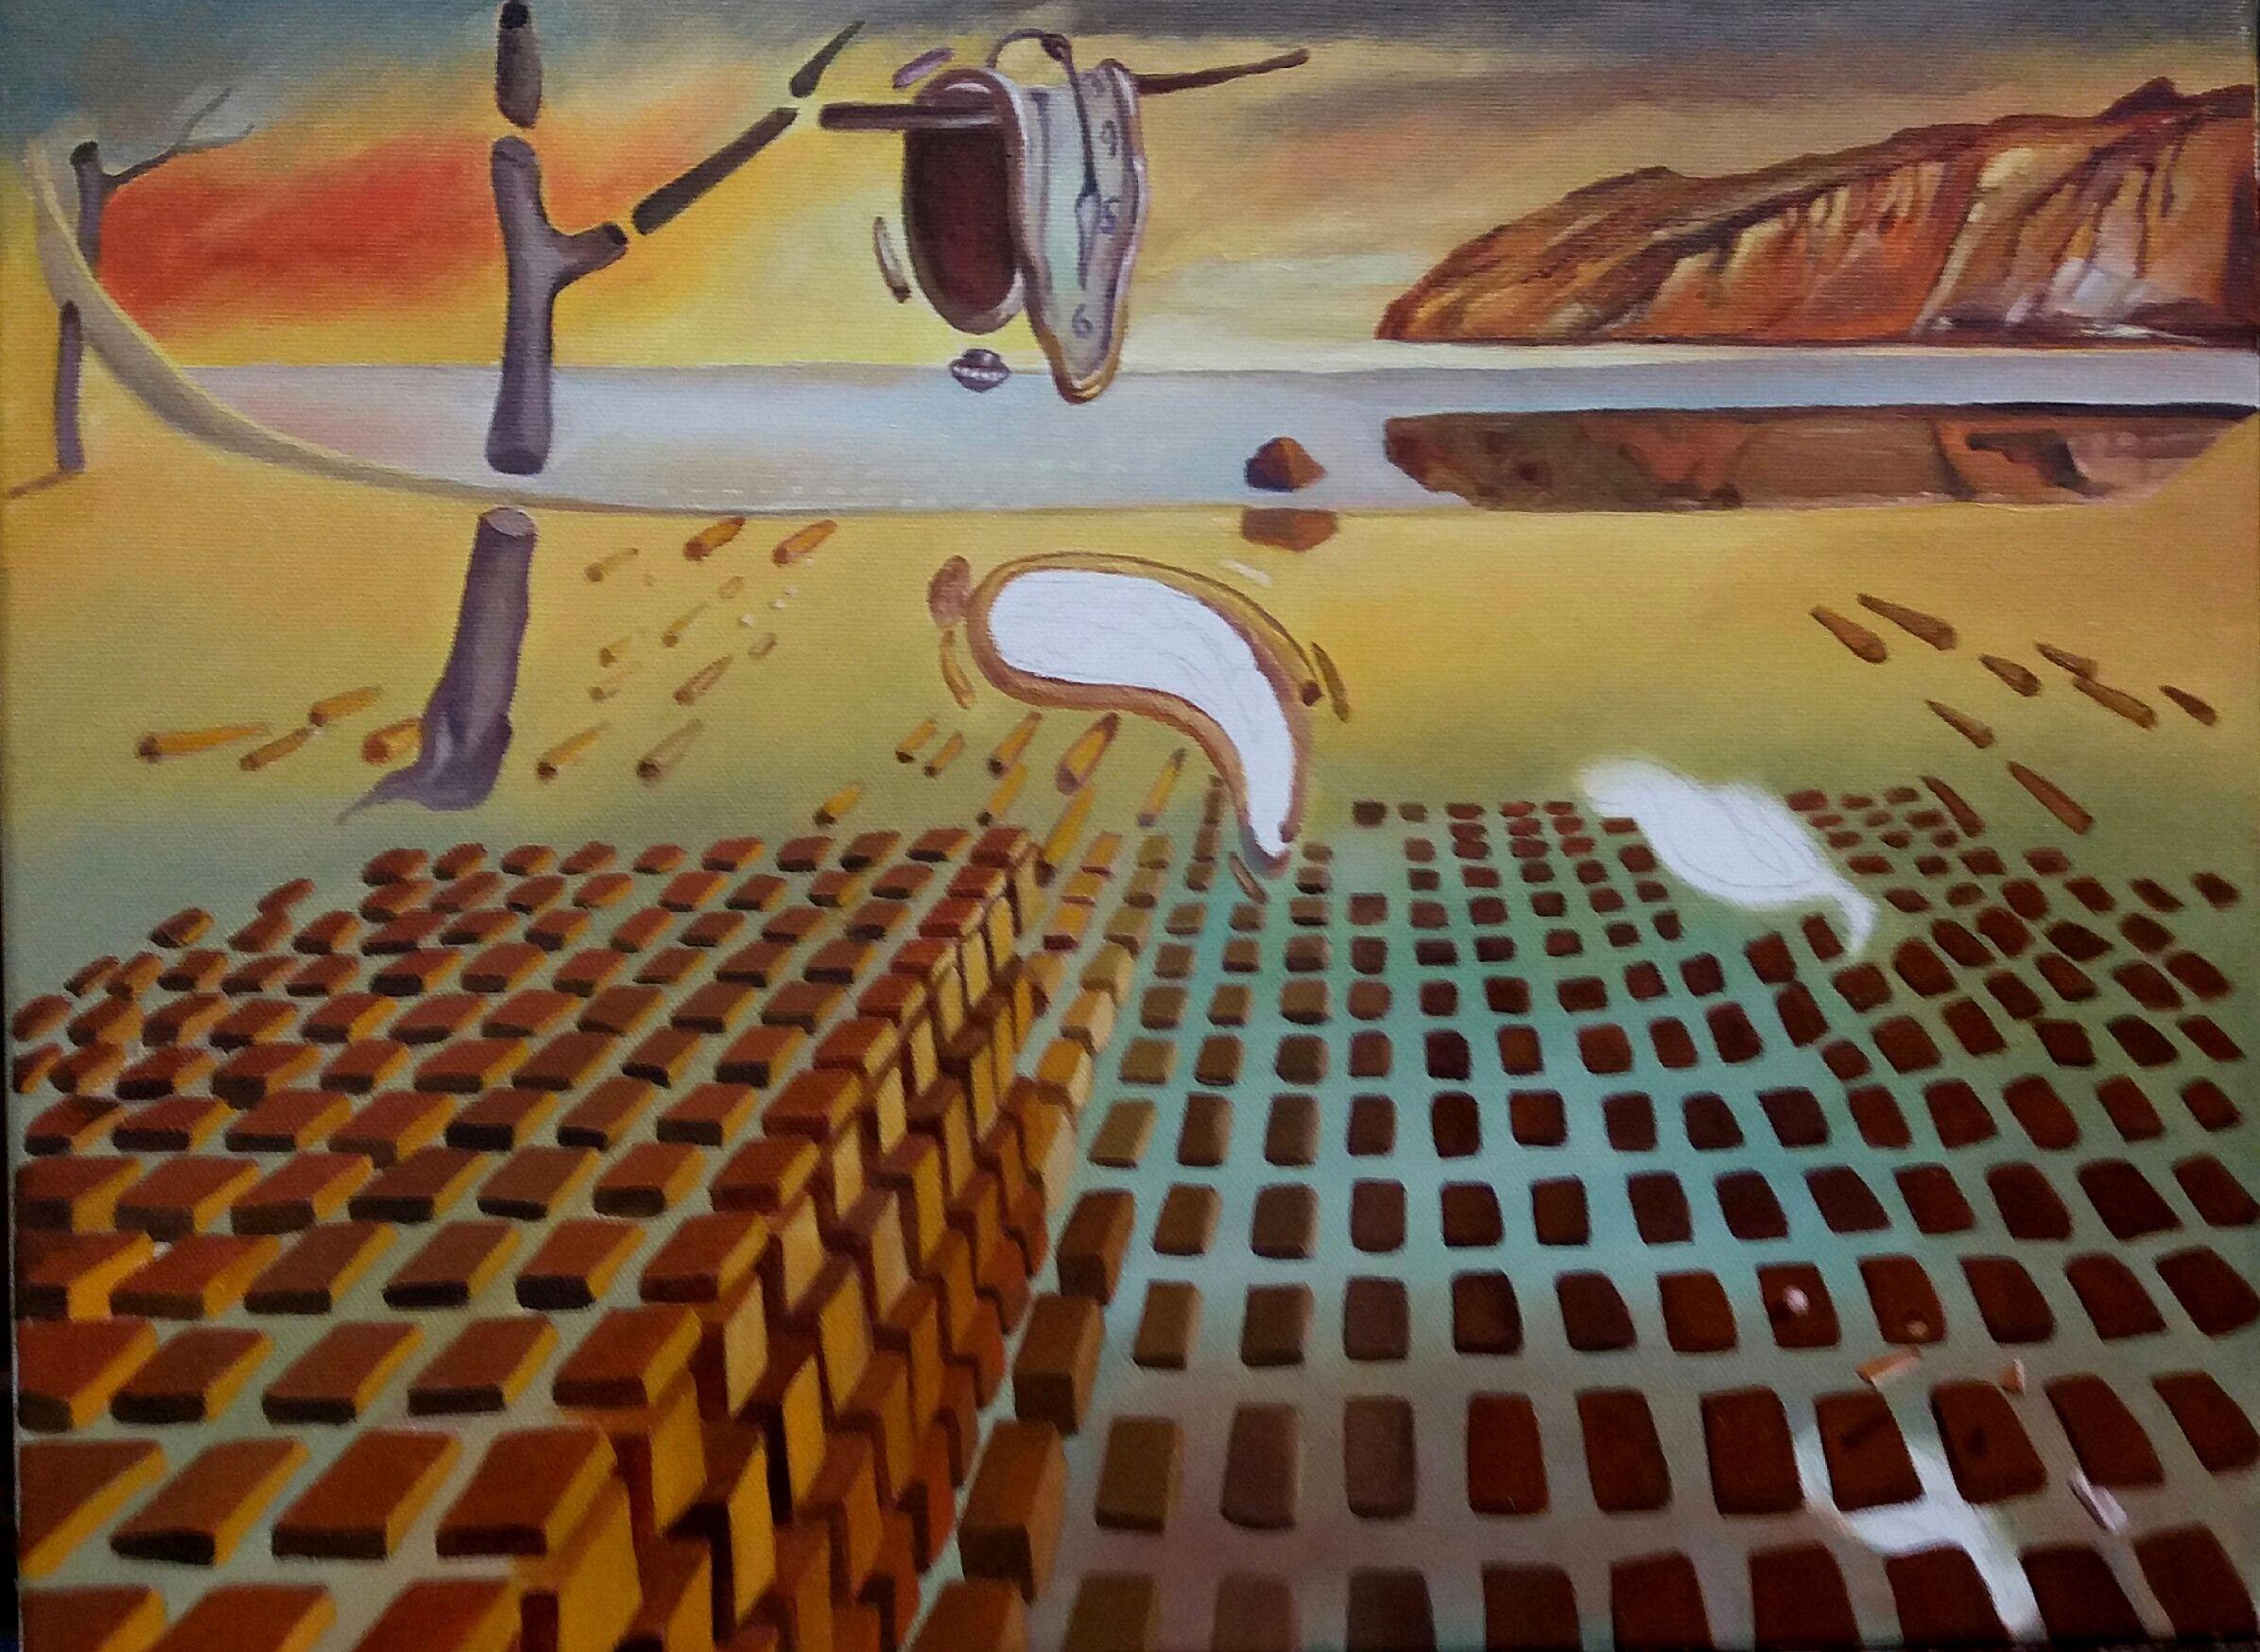 """Trabalho inspirado em a """"Desintegração da Persistência da Memória"""" de Dalí - (11ª etapa) (15/2/2017)"""